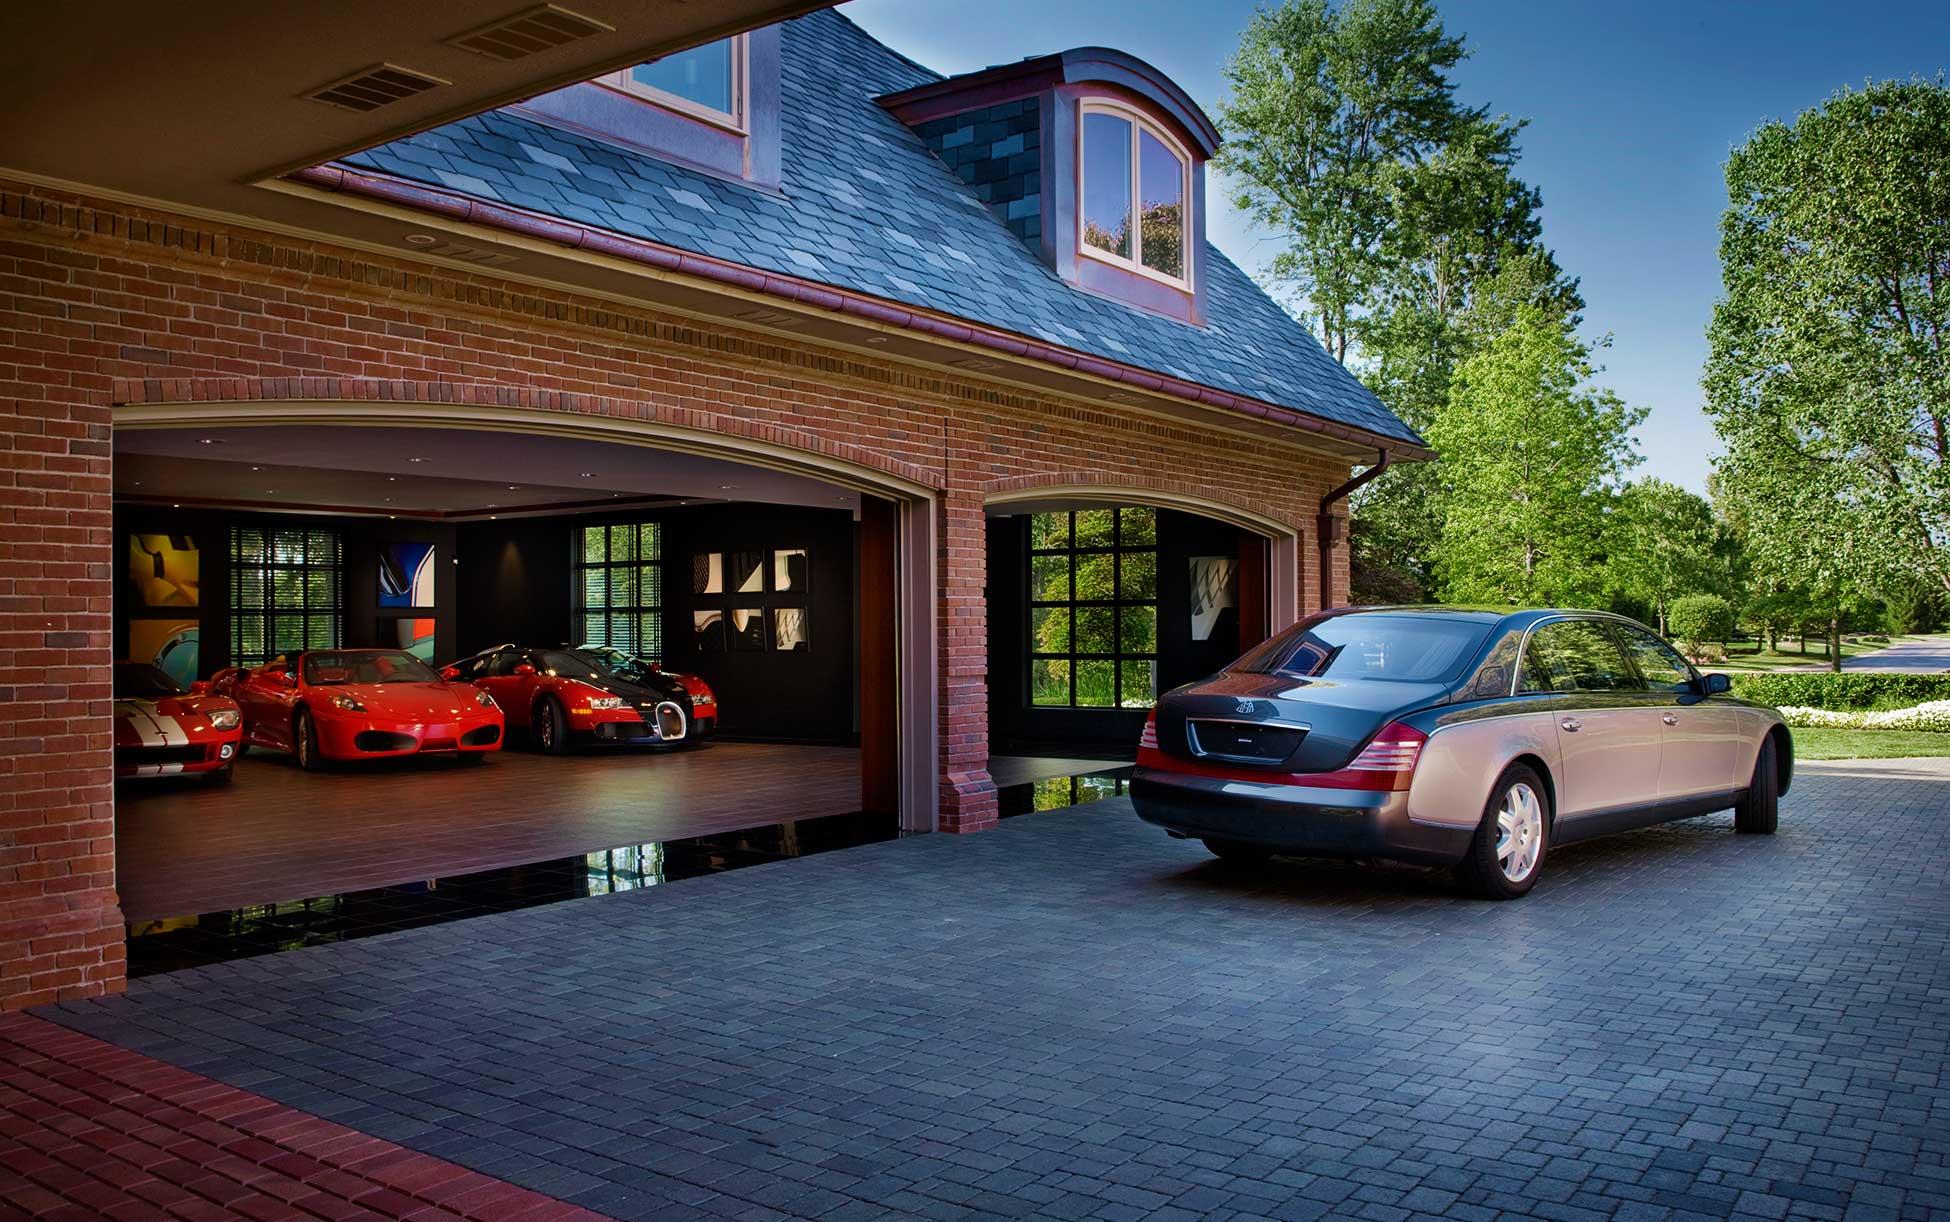 мастерская в гараже мечта 2019 автомобильная конюшня